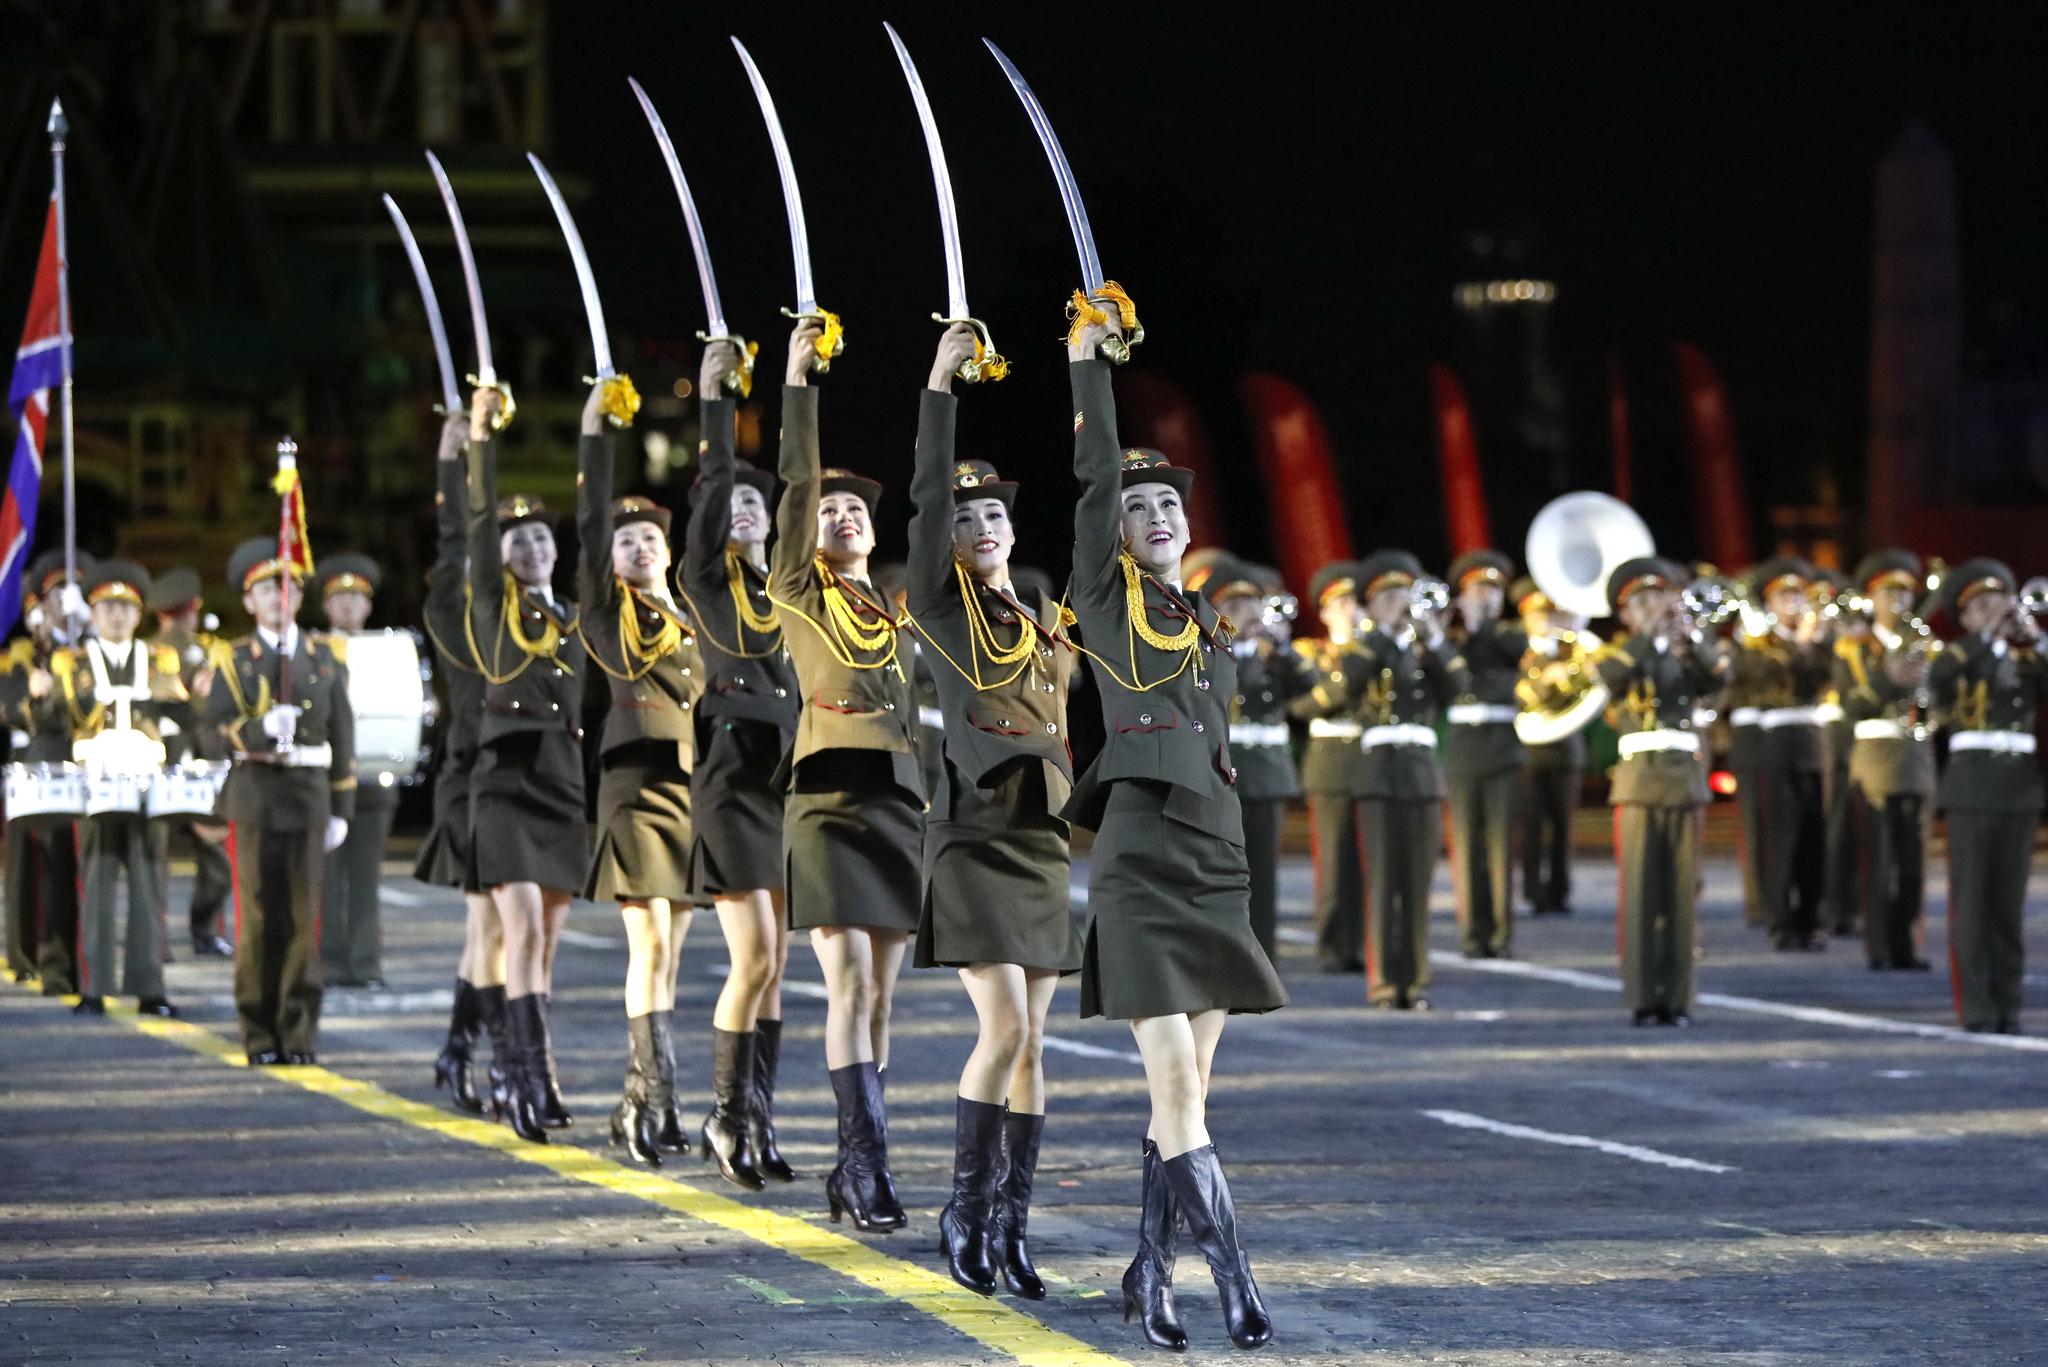 23일(현지시간) 러시아 모스크바 붉은광장에서 개막된 '제12회 스파스카야 타워 세계 군악 축제'에 참가한 북한 군악대가 공연하고 있다.[타스=연합뉴스]